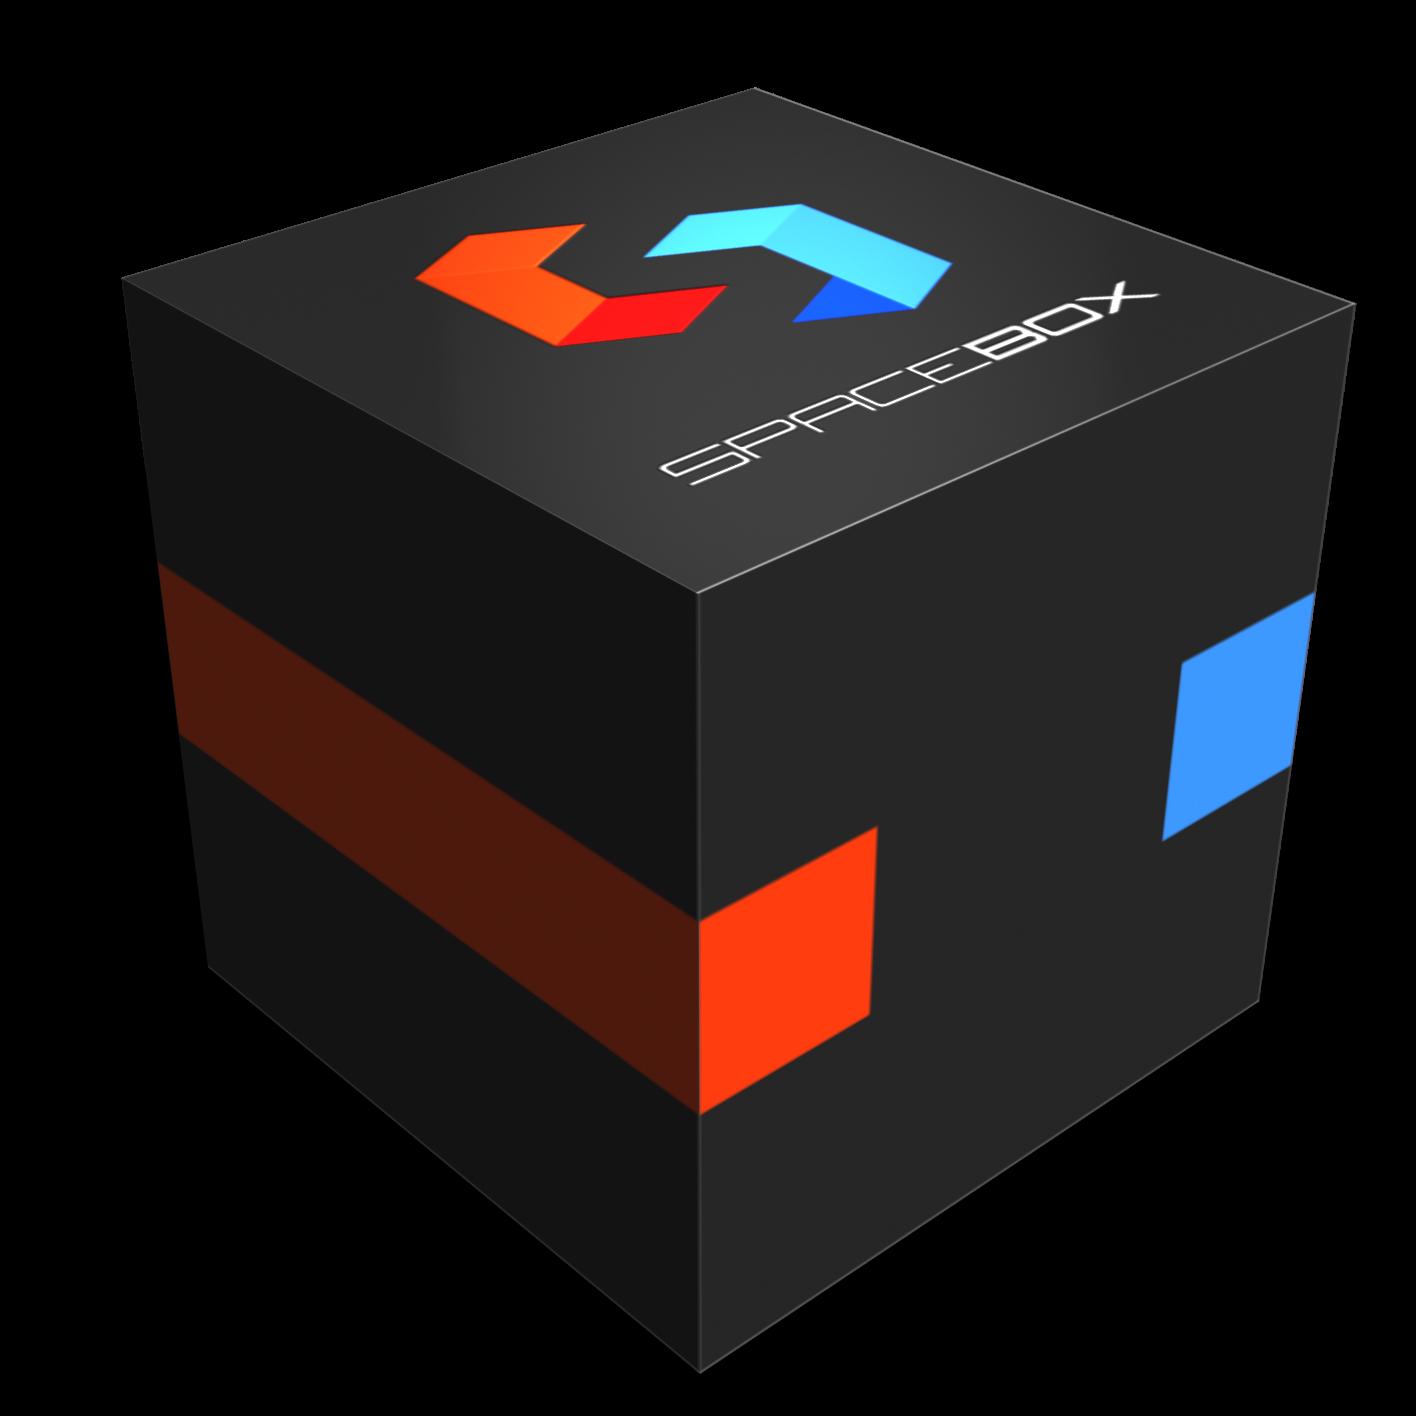 SpaceBox.png